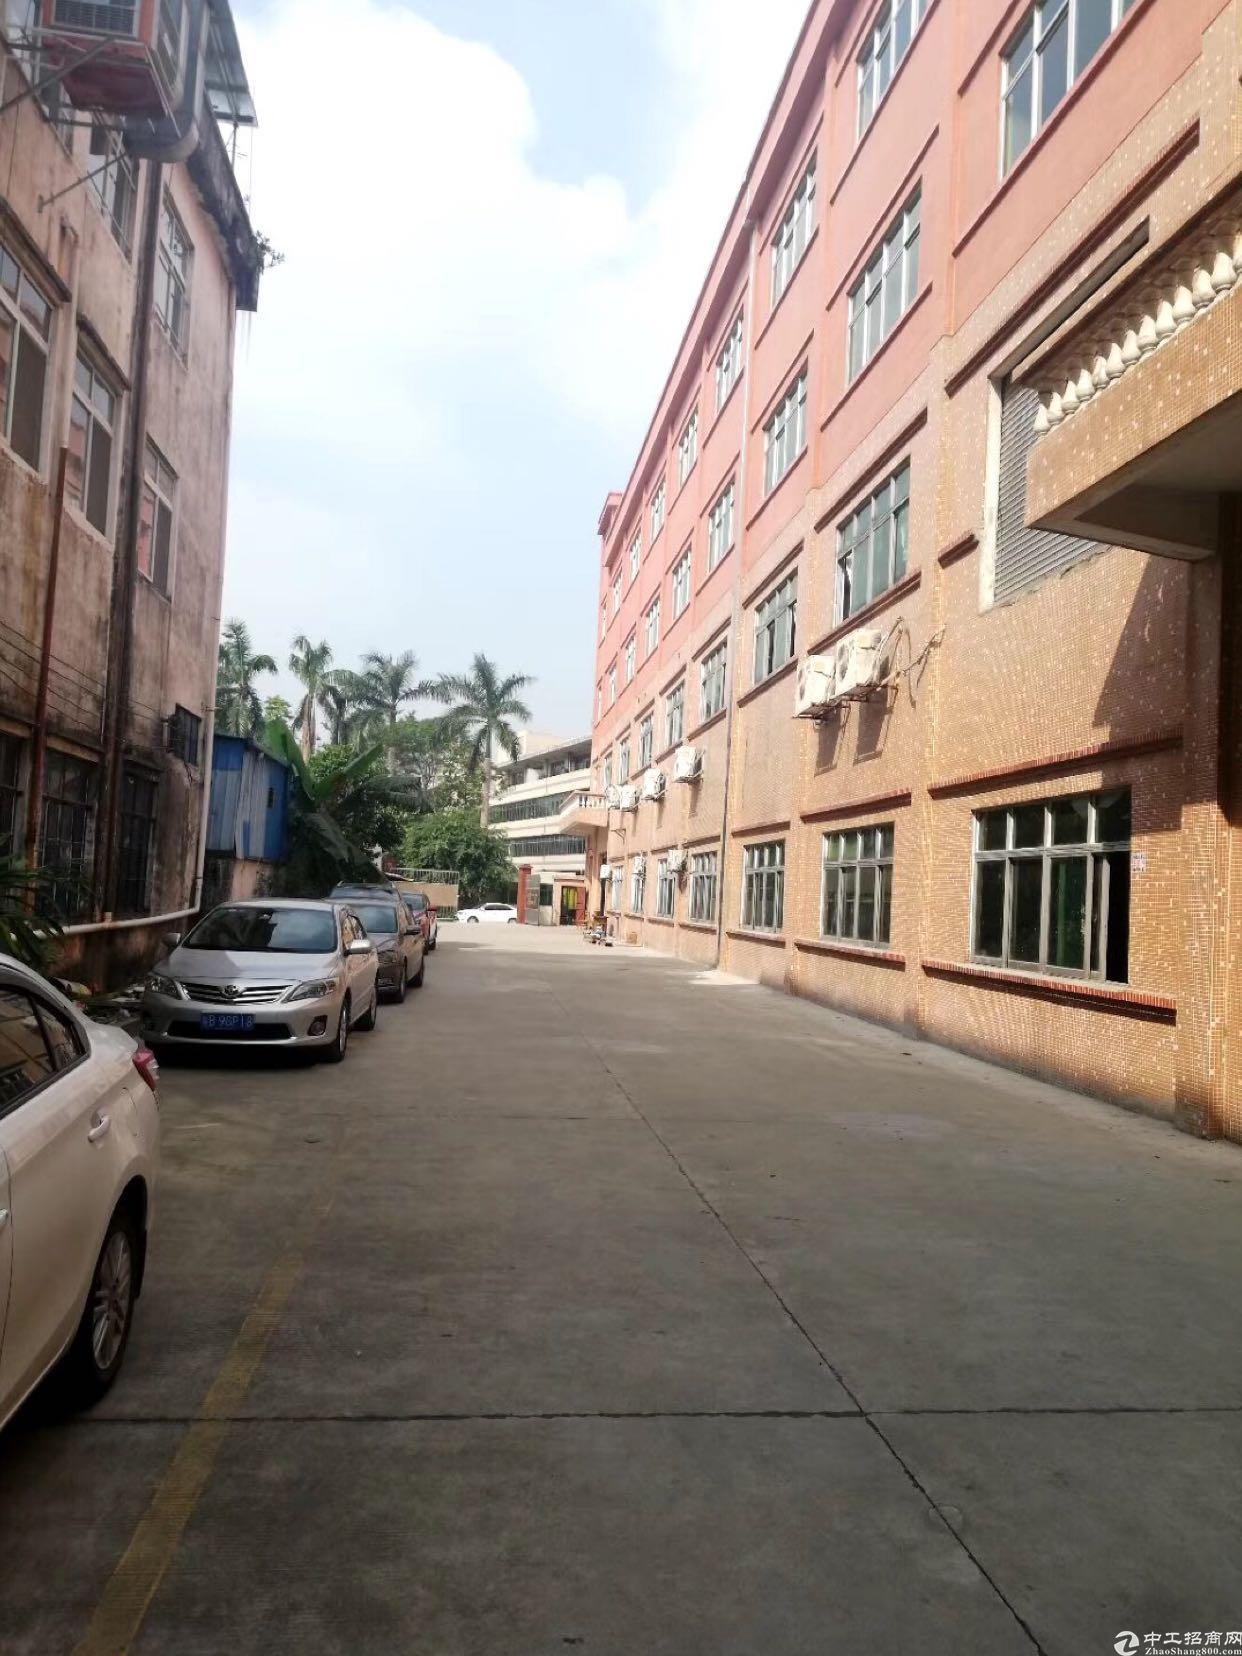 石排工业区,分租一楼,四楼厂房出租,有现成水电行车。